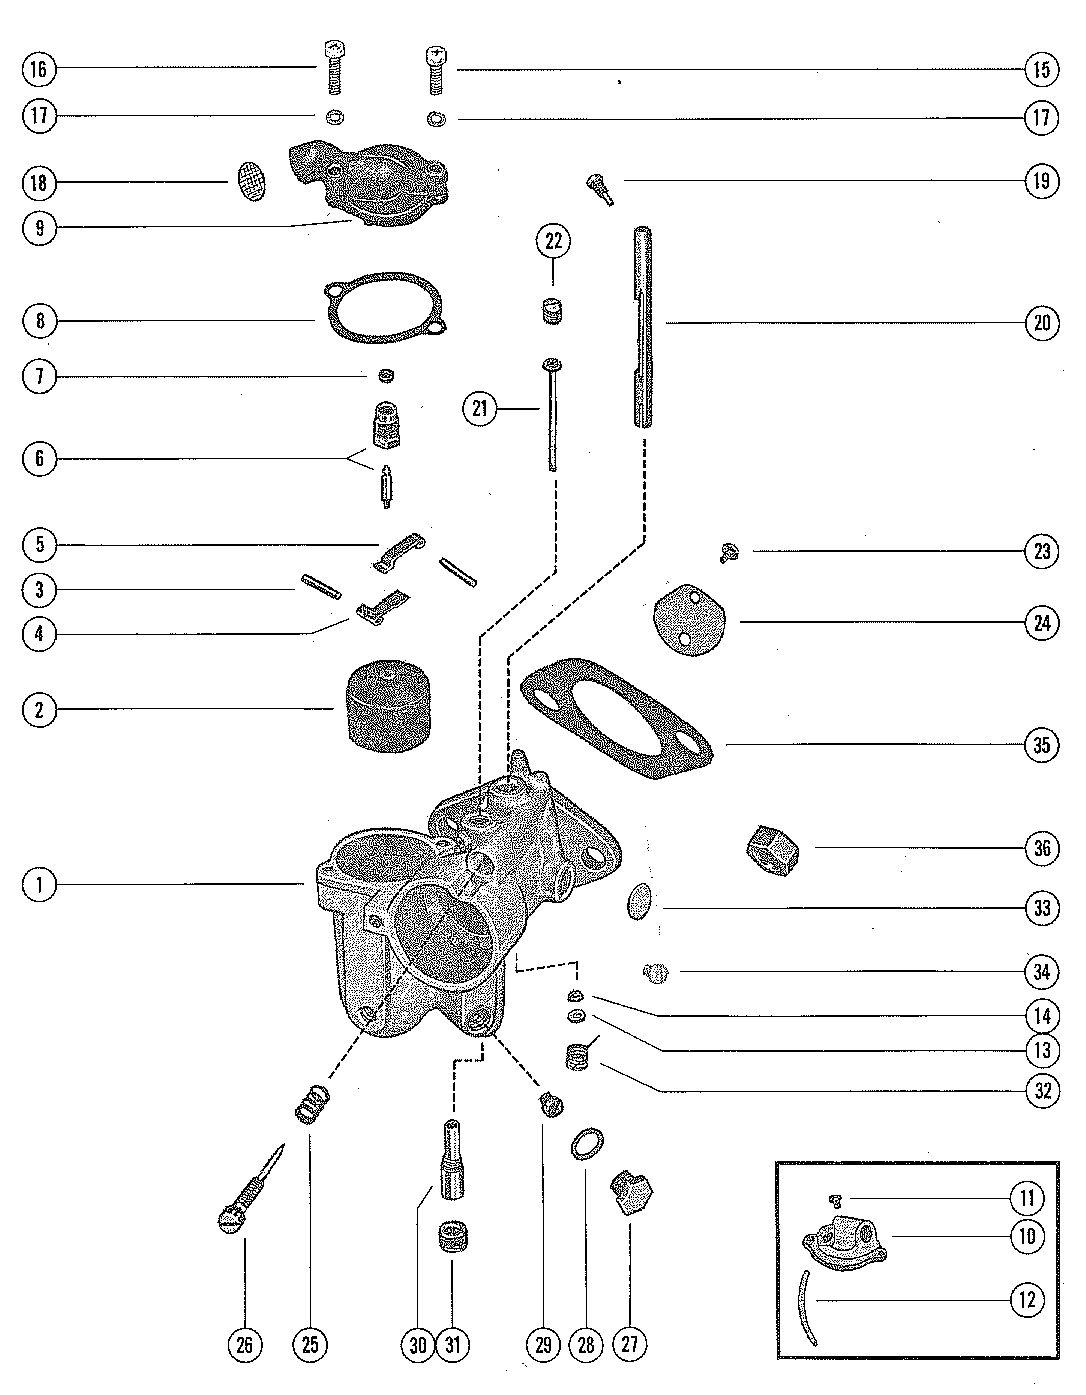 CarbMerc650Diagram.jpg (1086×1395) Boat Engine